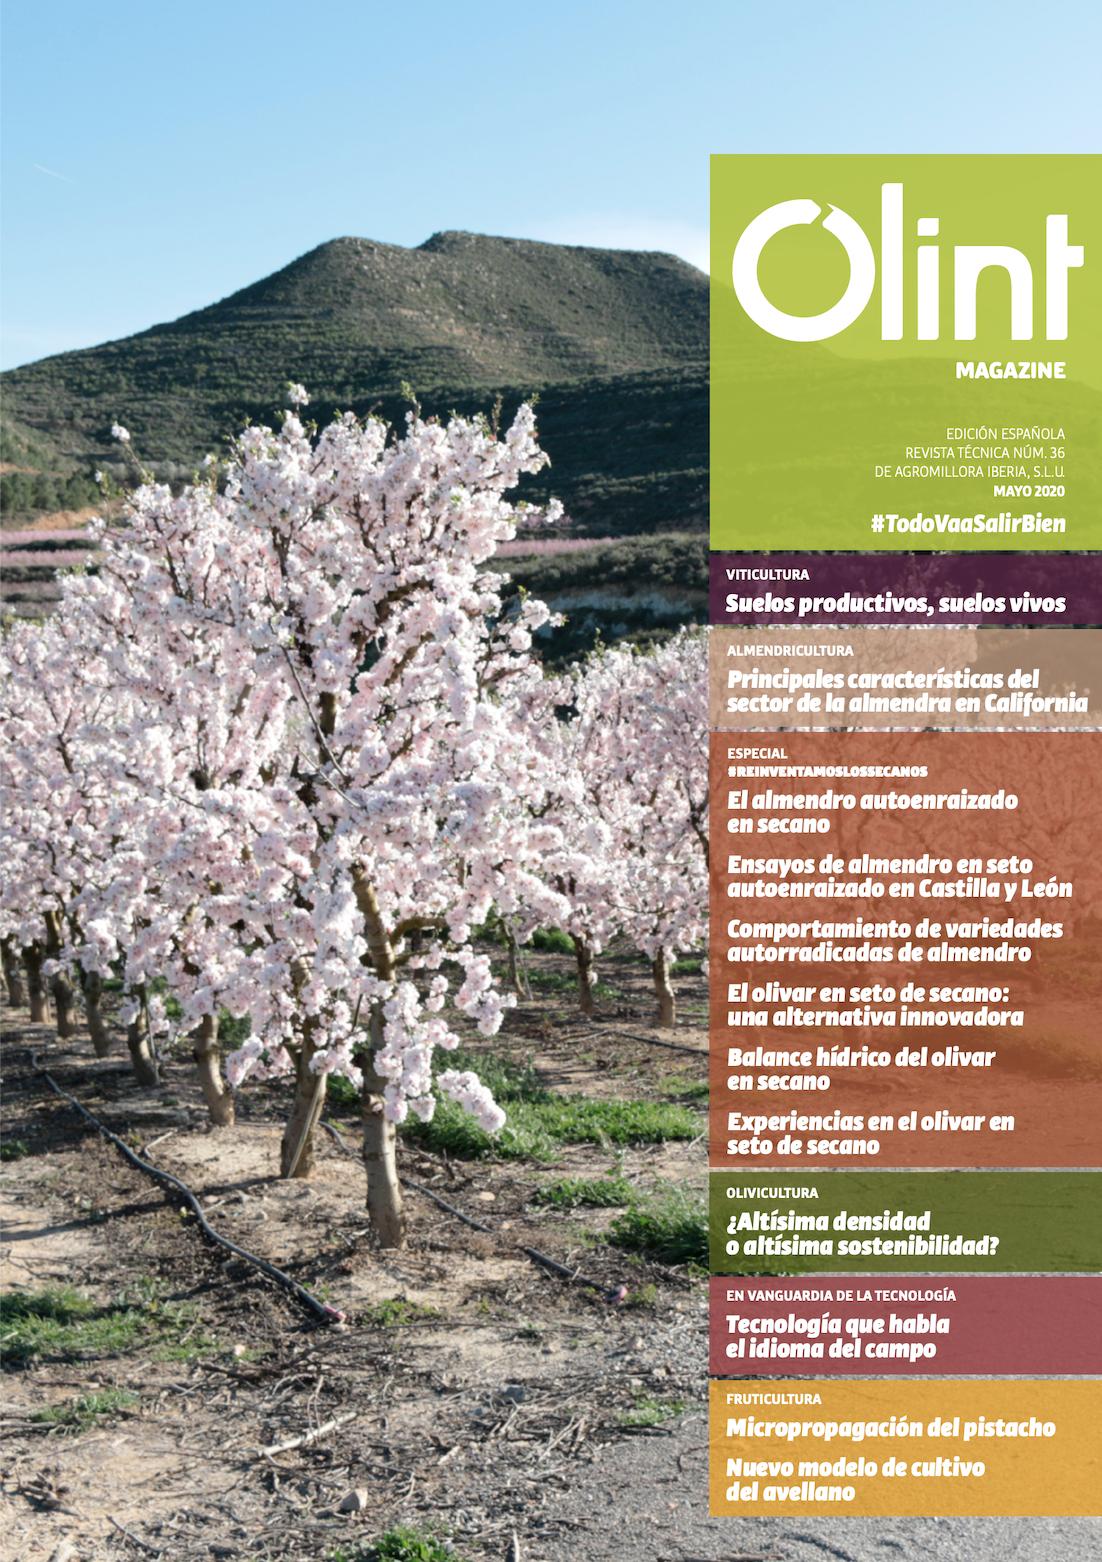 Revista Olint nº36